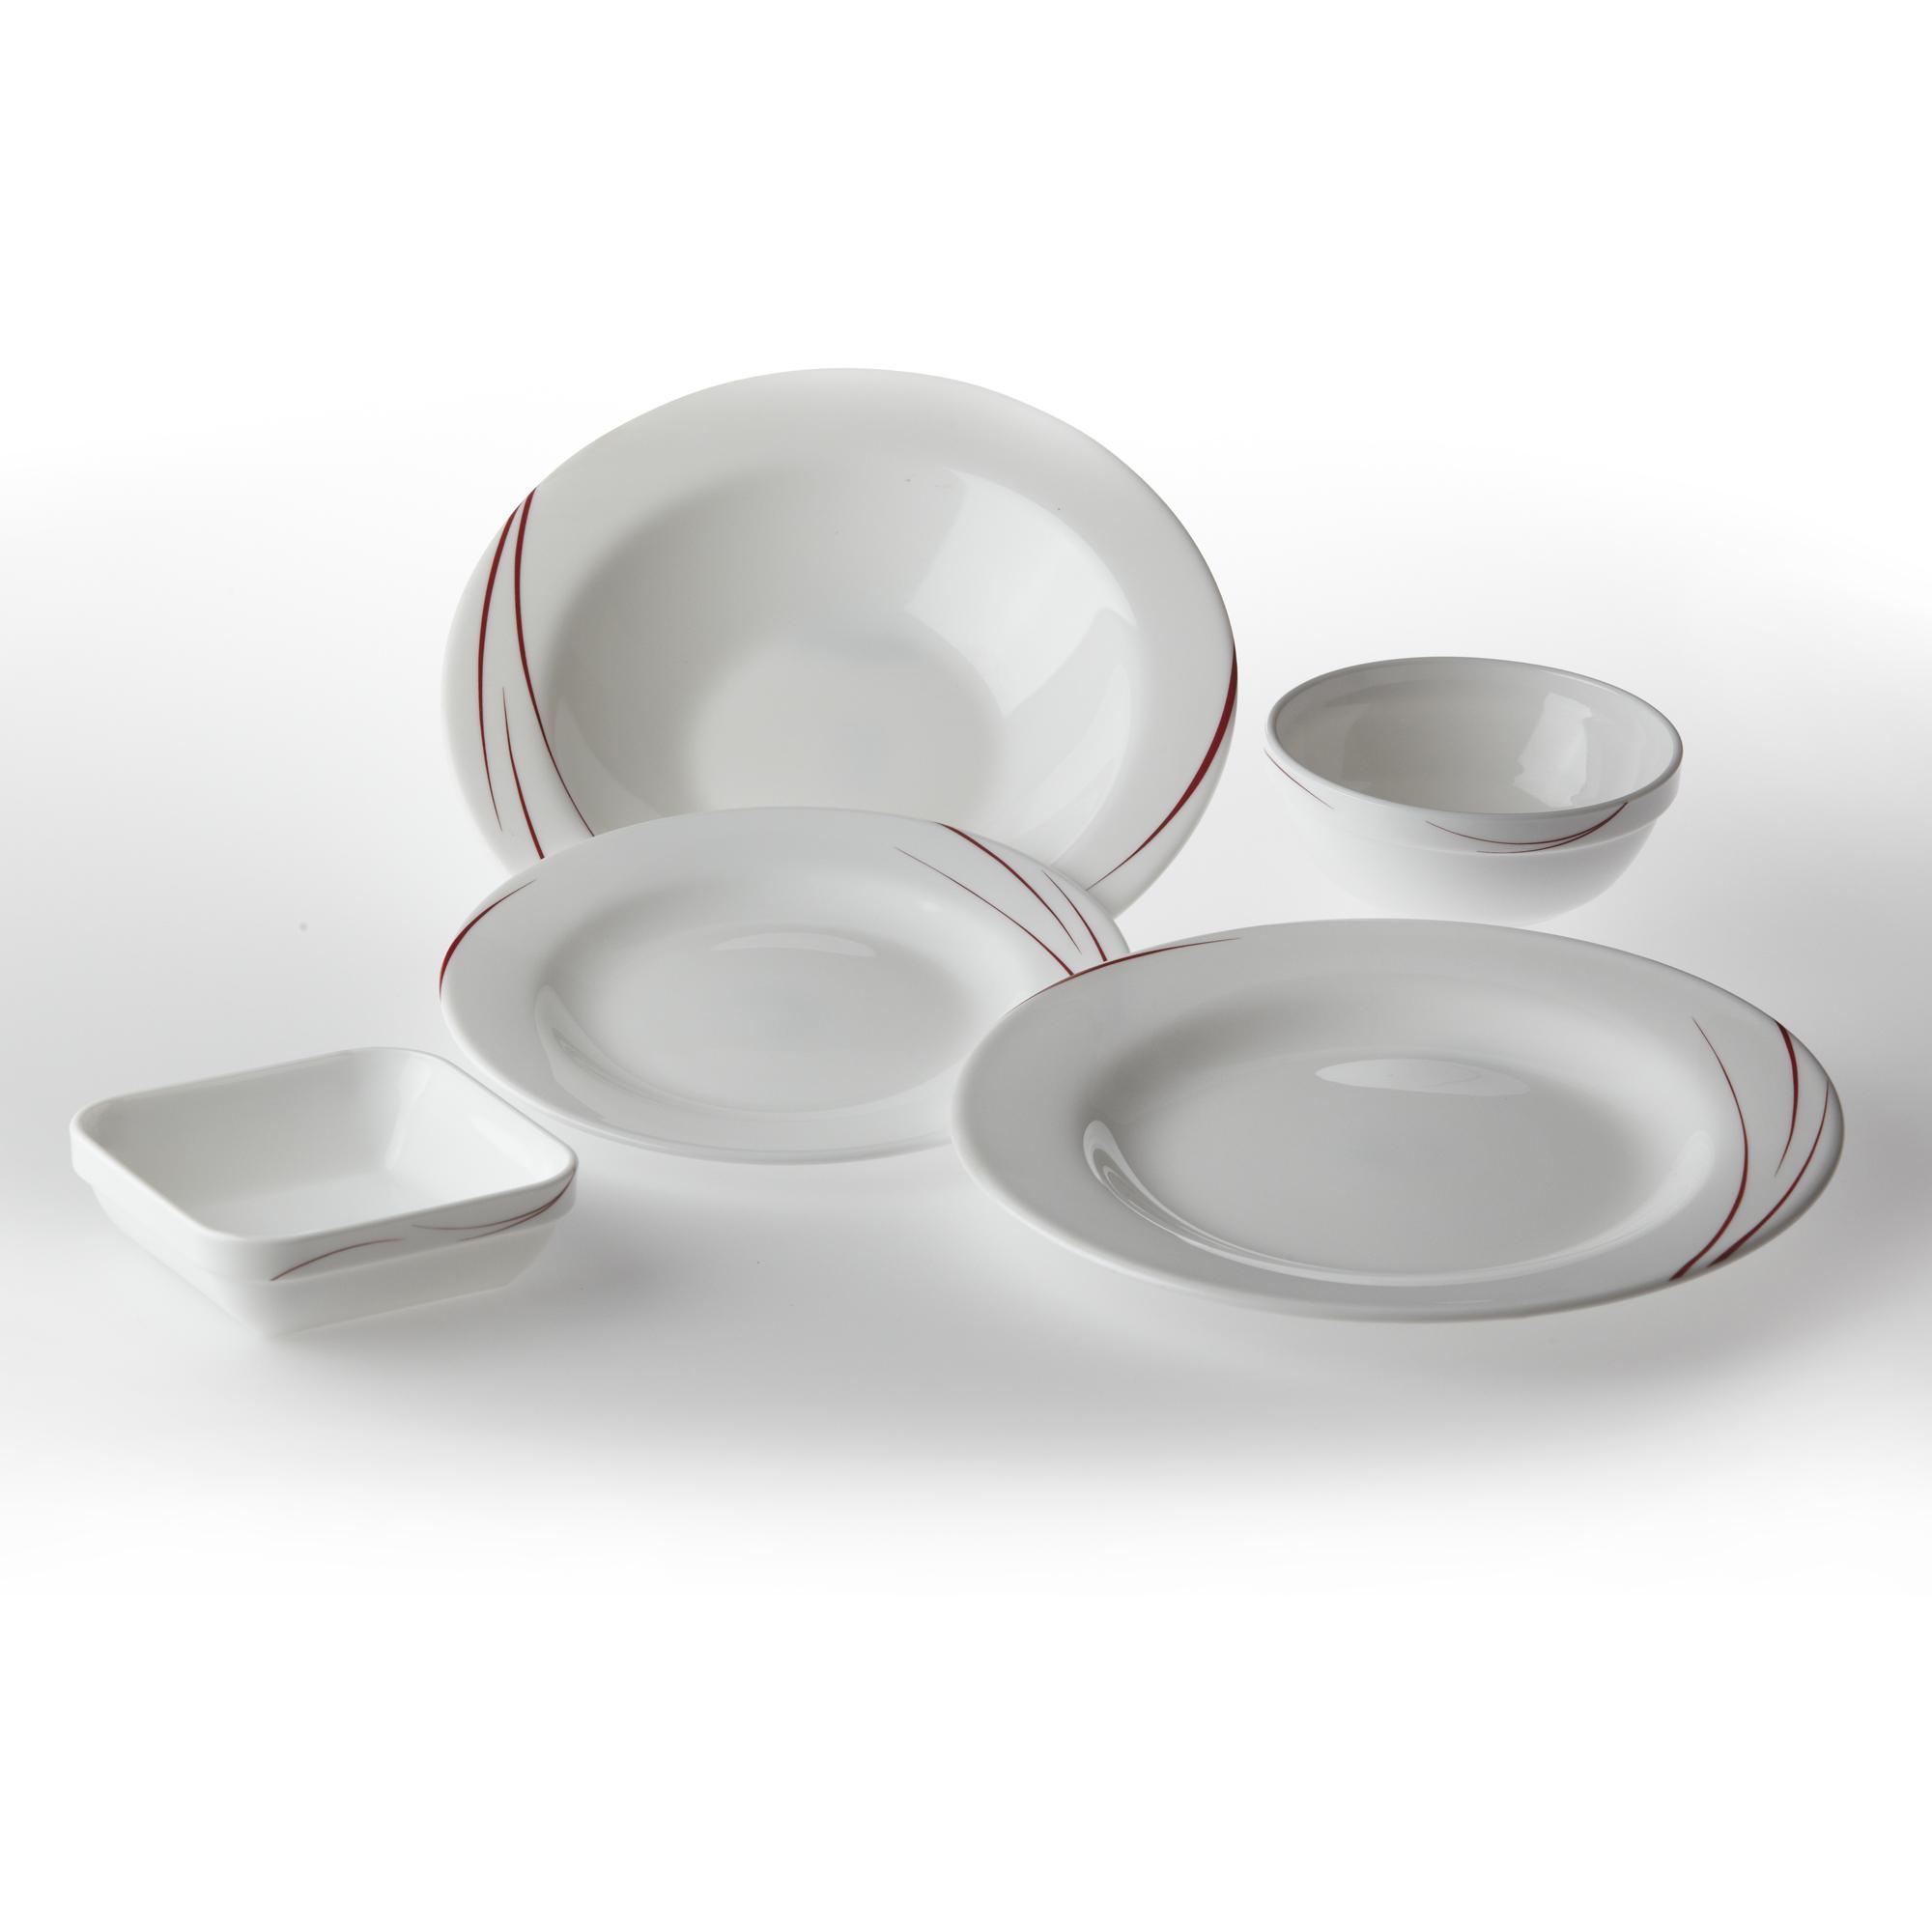 Assiette plate en verre trempé verte 24cm Toronto Eden